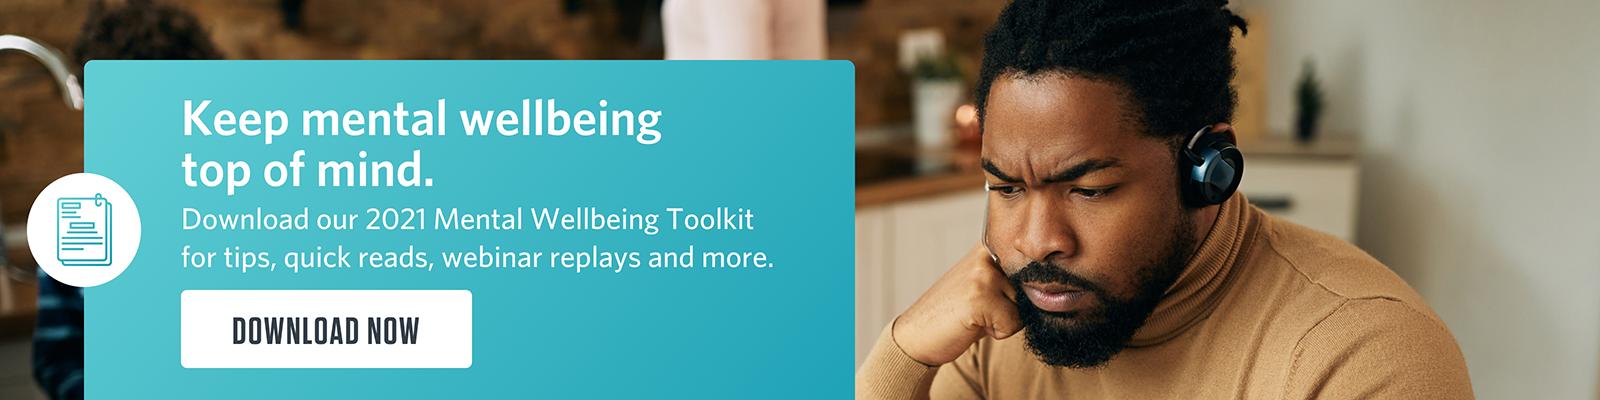 mental wellbeing toolkit virgin pulse